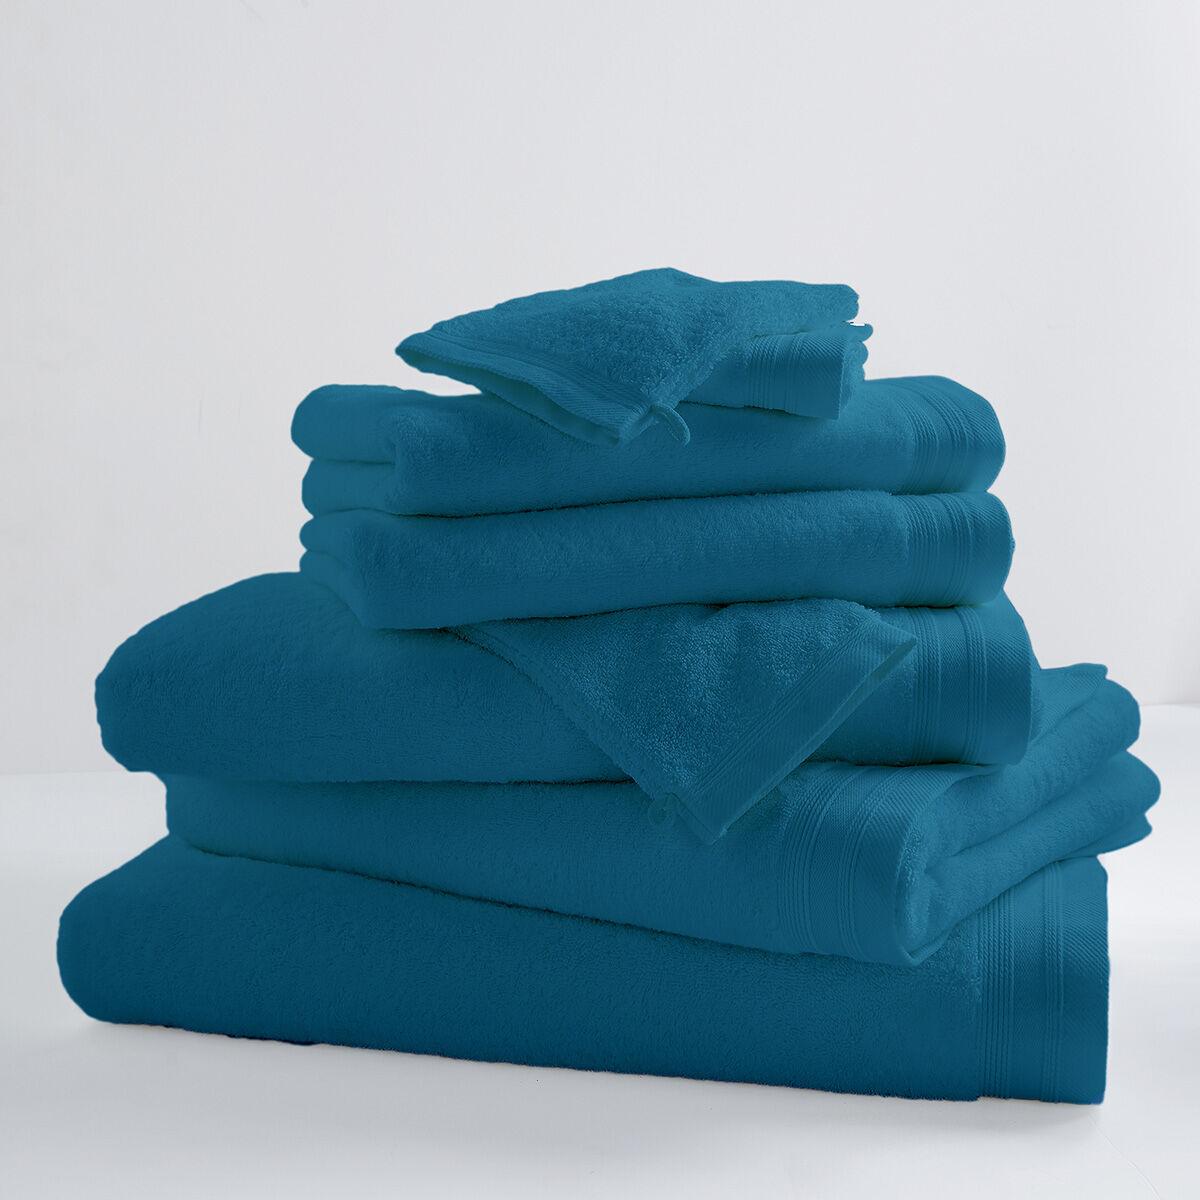 Home Bain Drap de bain uni et coloré coton turquoise 150x100